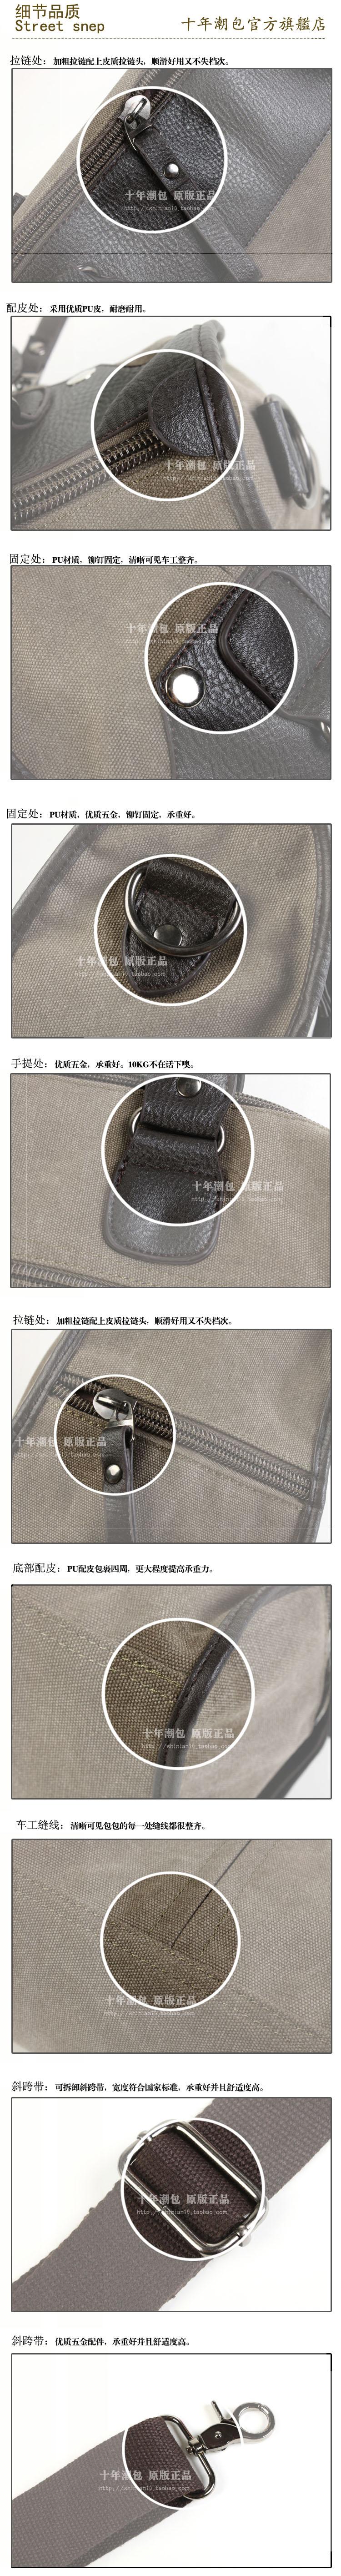 Tui Xach Nam HQ HM02  15